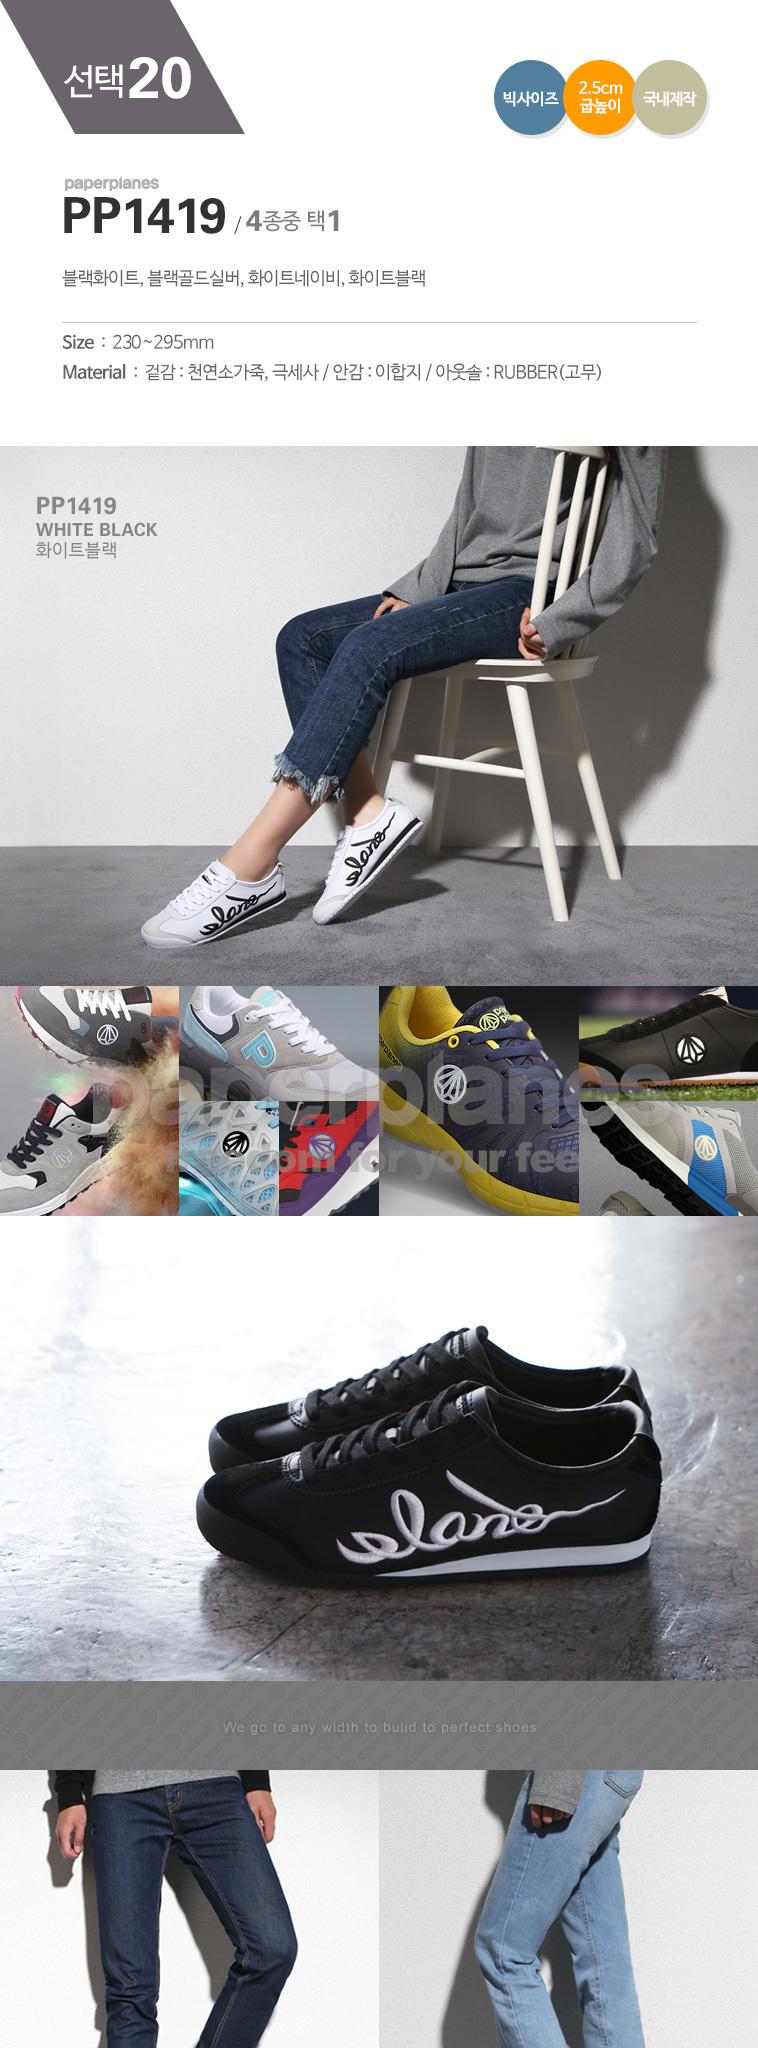 [신학기잇템] 운동화/신발/스니커즈 - 상세정보